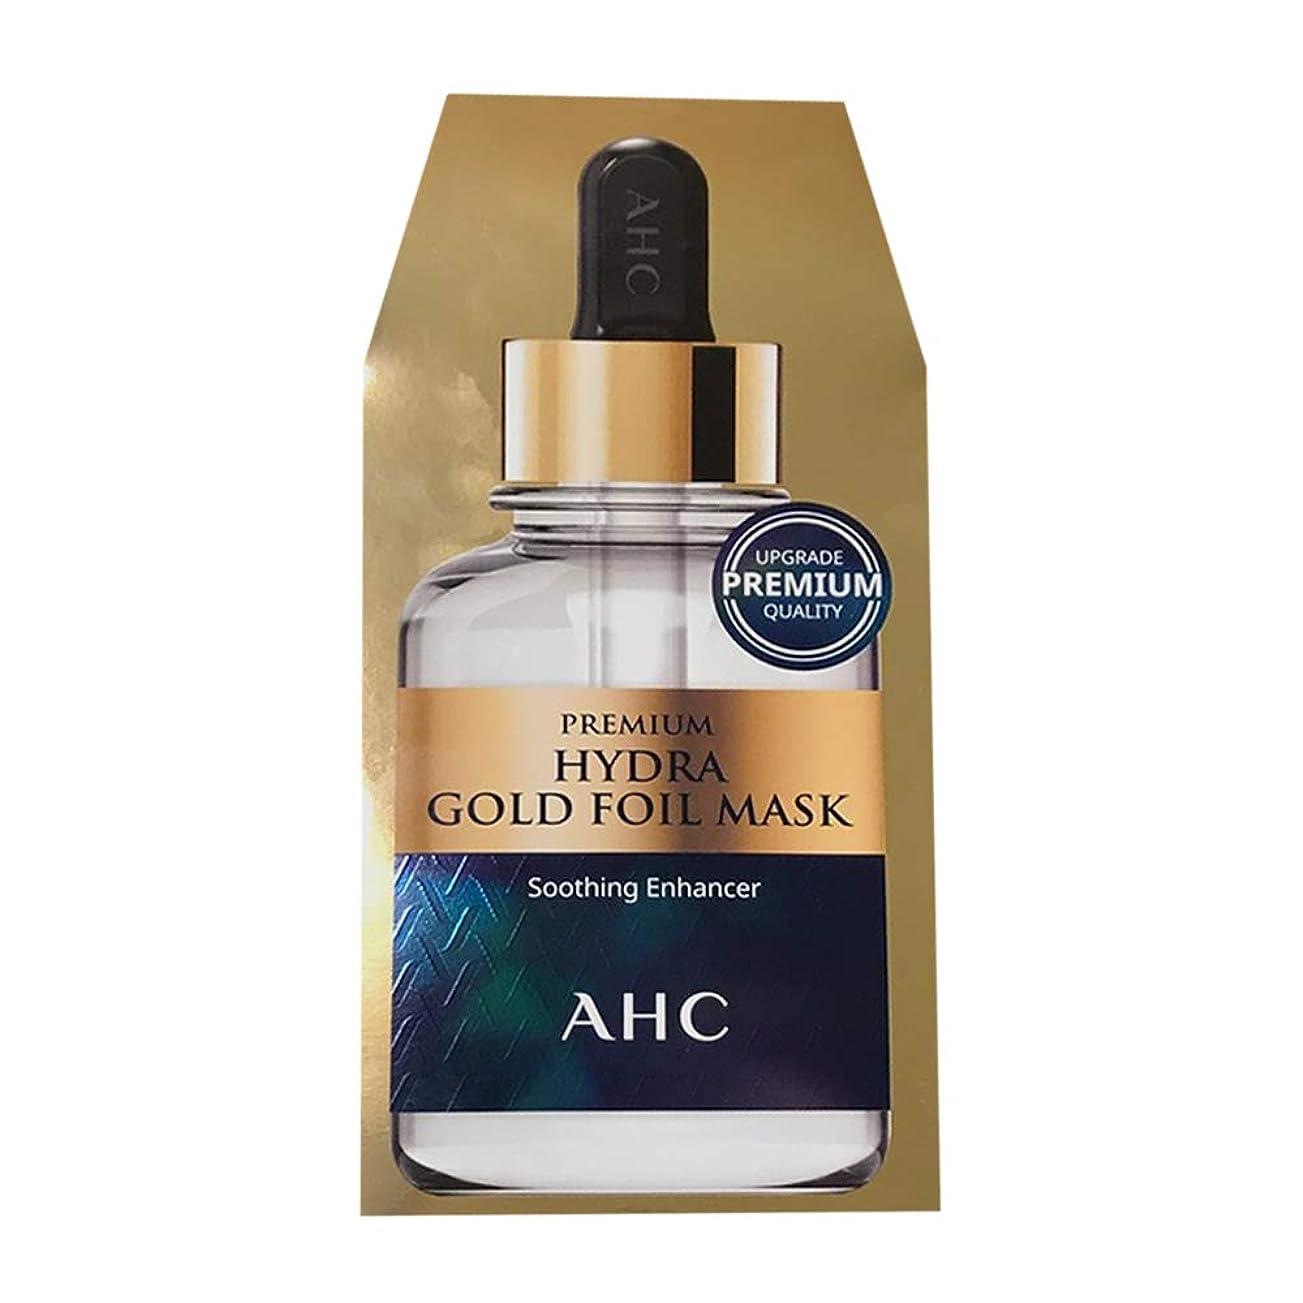 そのスプーン以内に[New] A.H.C (AHC) Premium Hydra Gold Foil Mask 25g × 5EA/A.H.C プレミアム ハイドラ ゴールド ホイル マスク 25g × 5枚